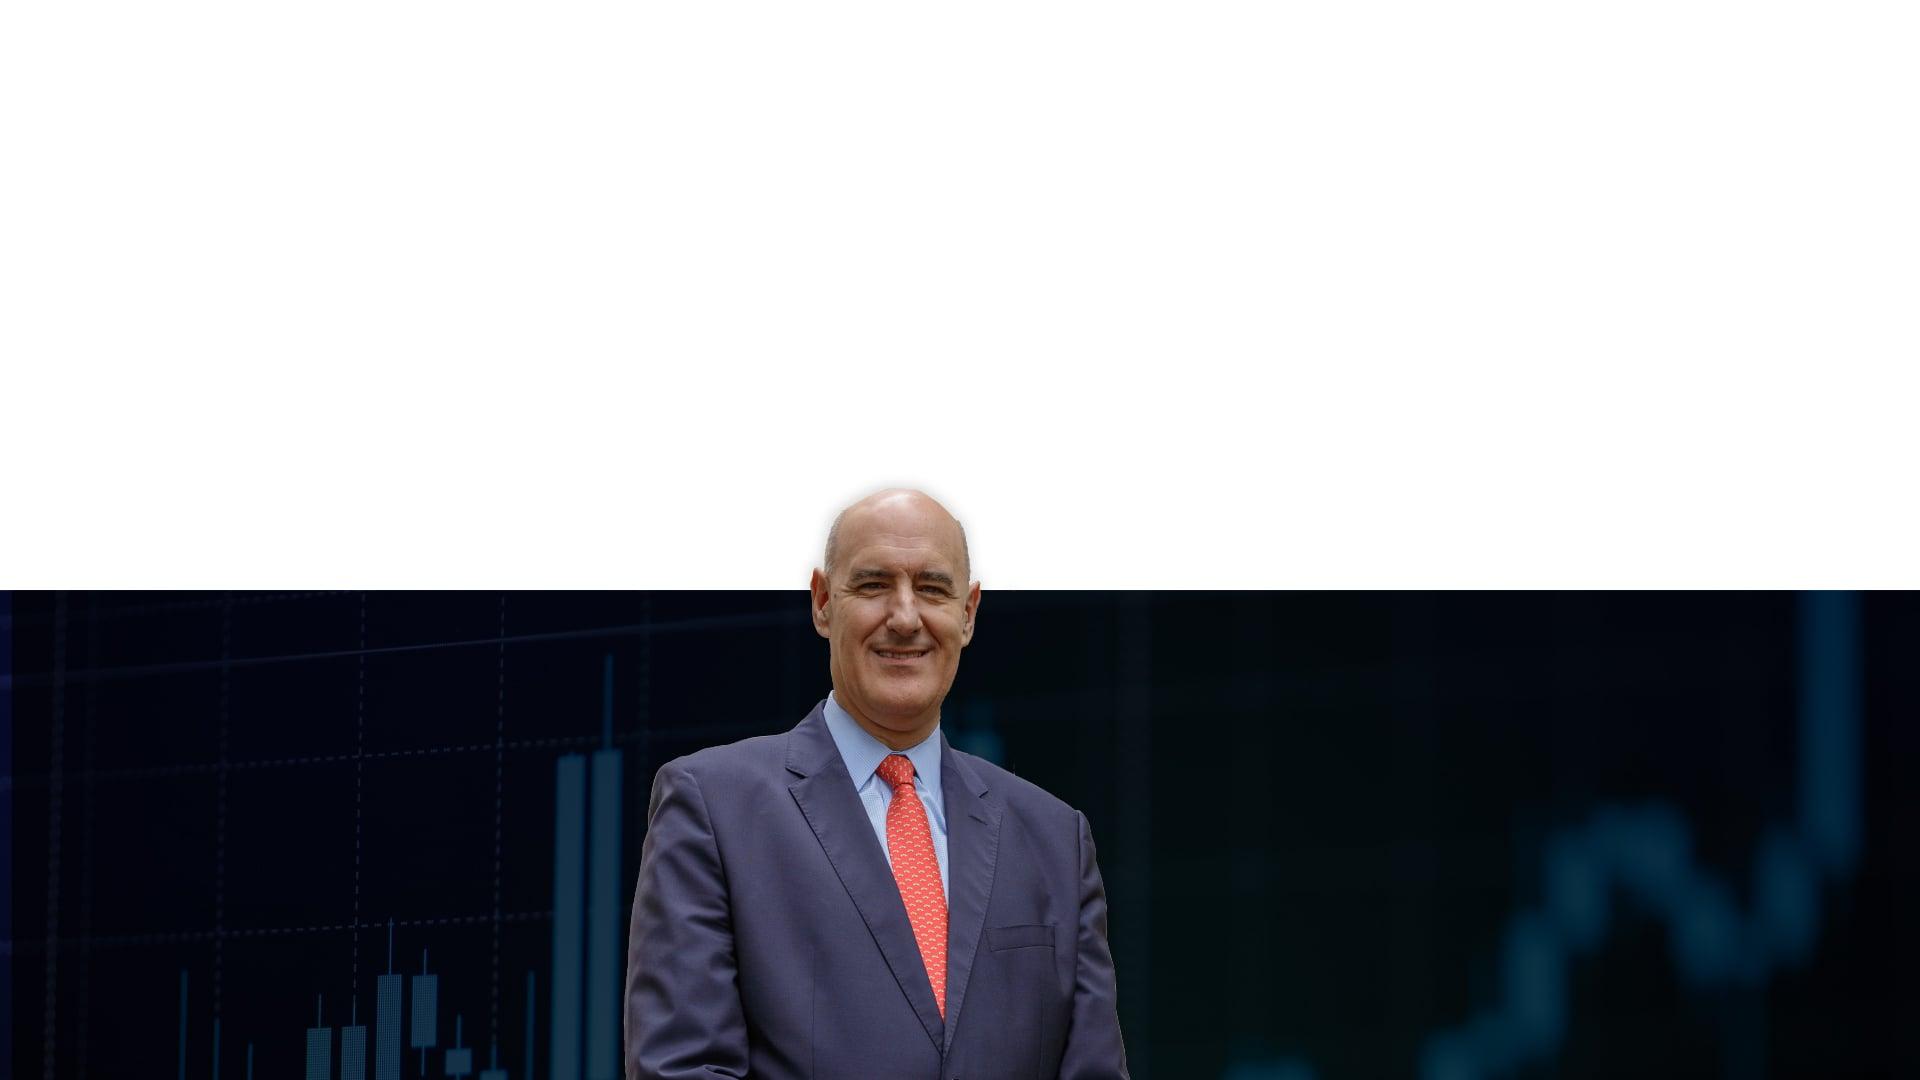 Ciclo Desafíos del s. XXI. Mauro Guillén. El apasionante camino hacia 2030